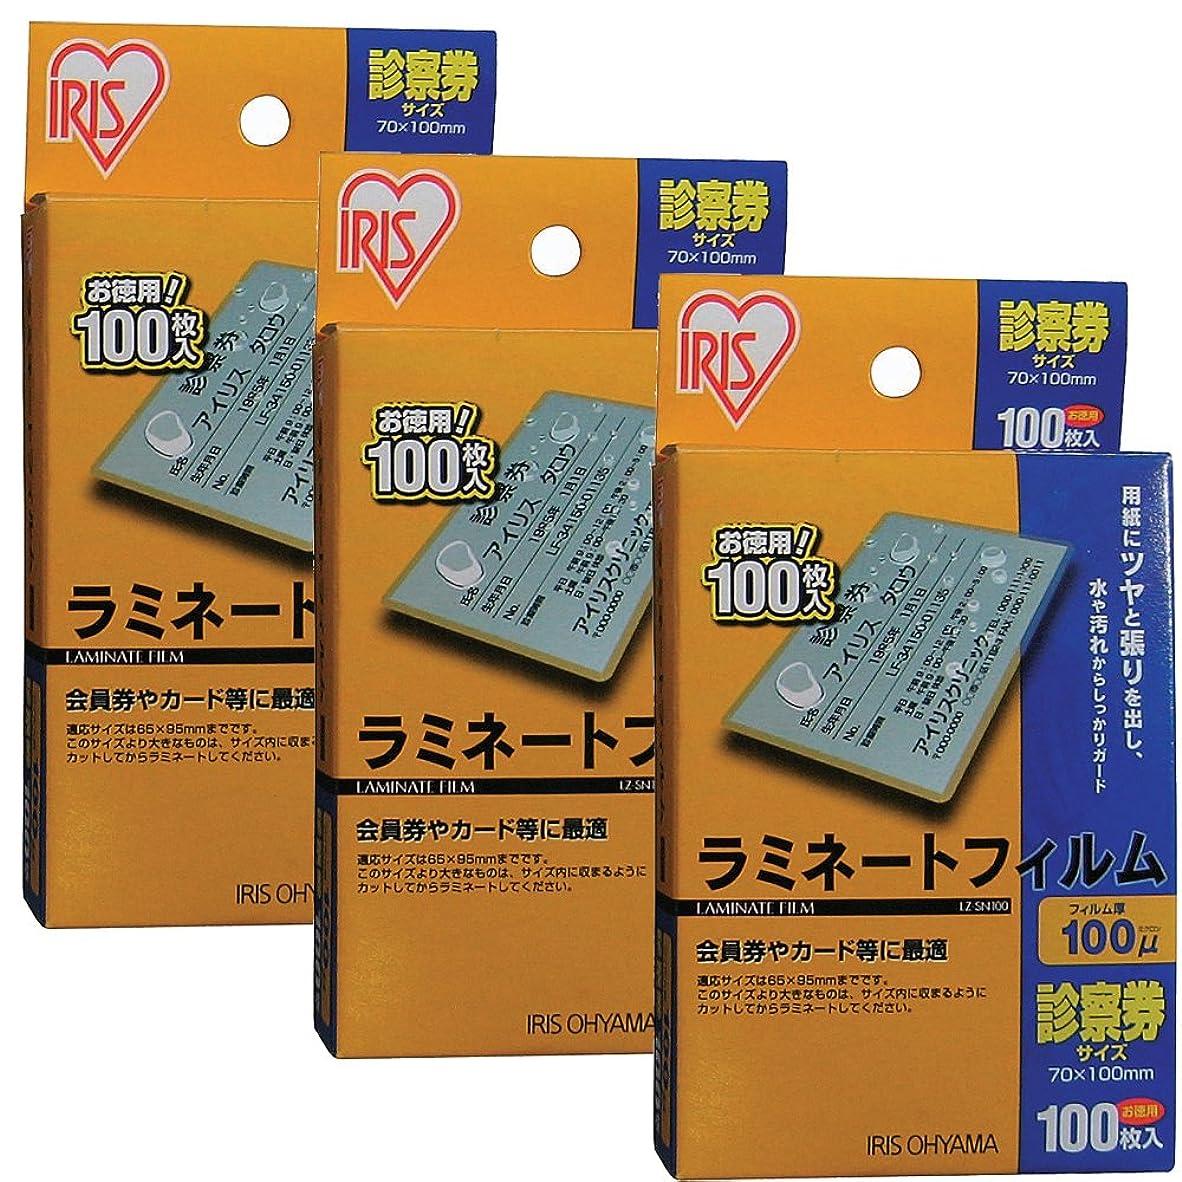 スリム魔術憂鬱なラミネートフィルム 診察券サイズ 100マイクロメーター LZ-SN100 (3個セット(100枚×3=300枚)) アイリスオーヤマ